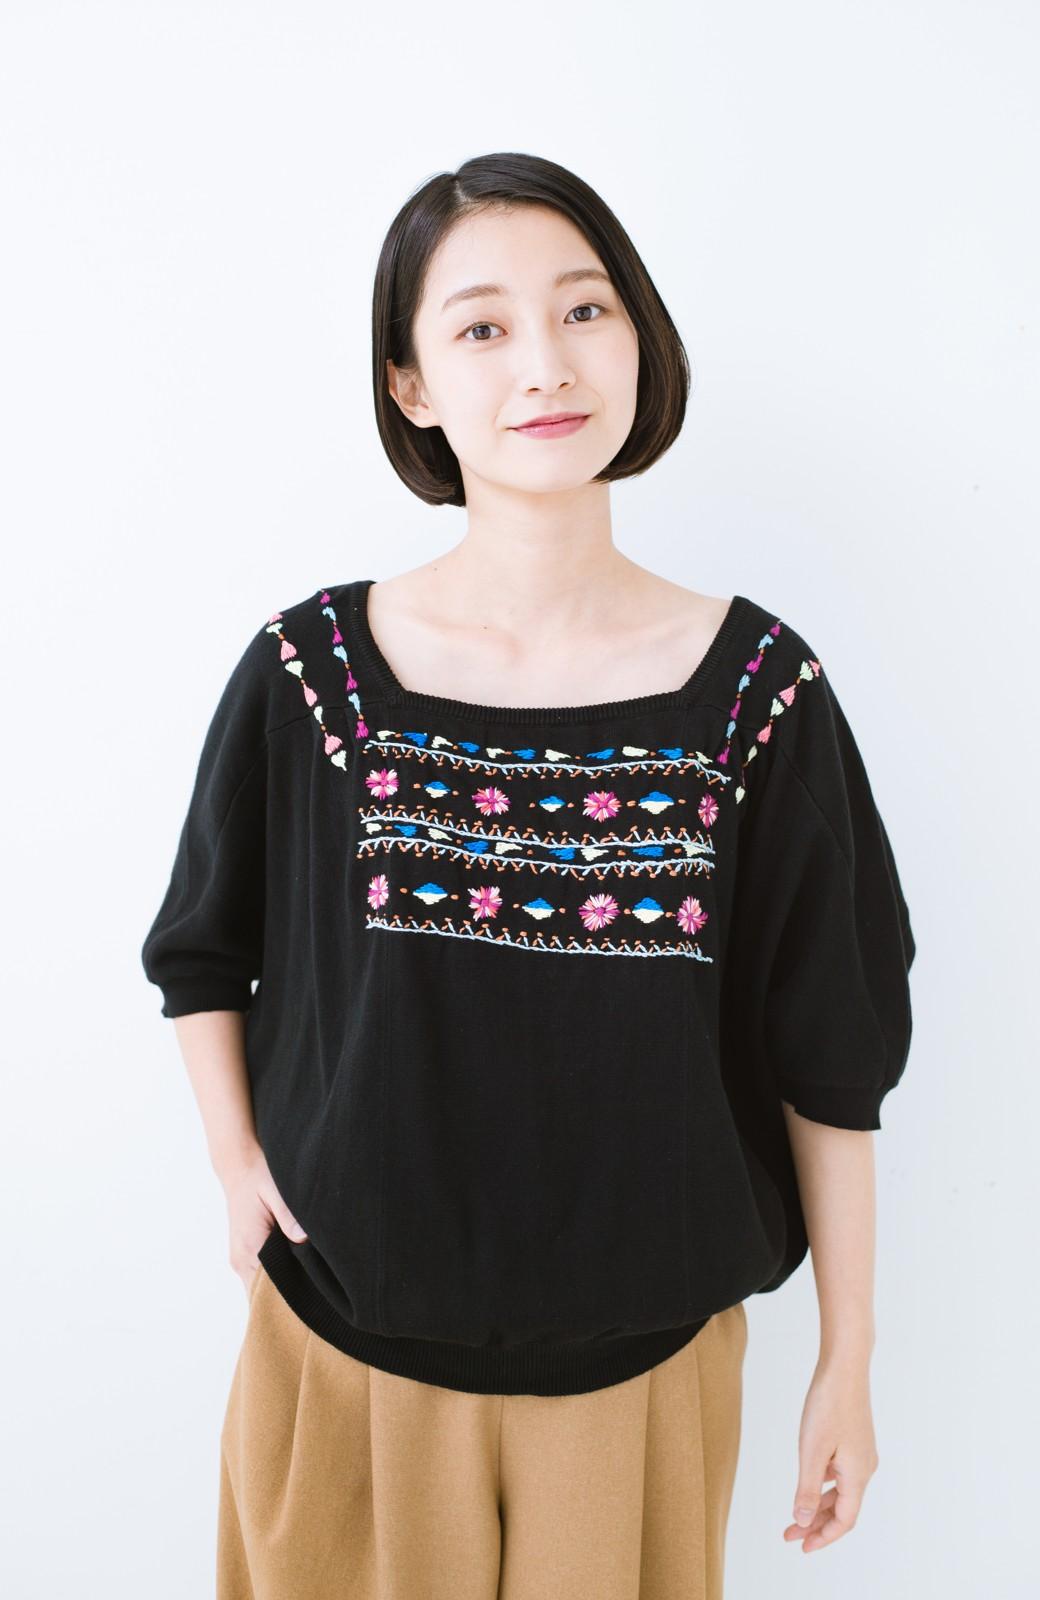 haco! Stitch by Stitch 首回りがきれいに見える色とりどりの刺繍のスクエアニット <ブラック>の商品写真9